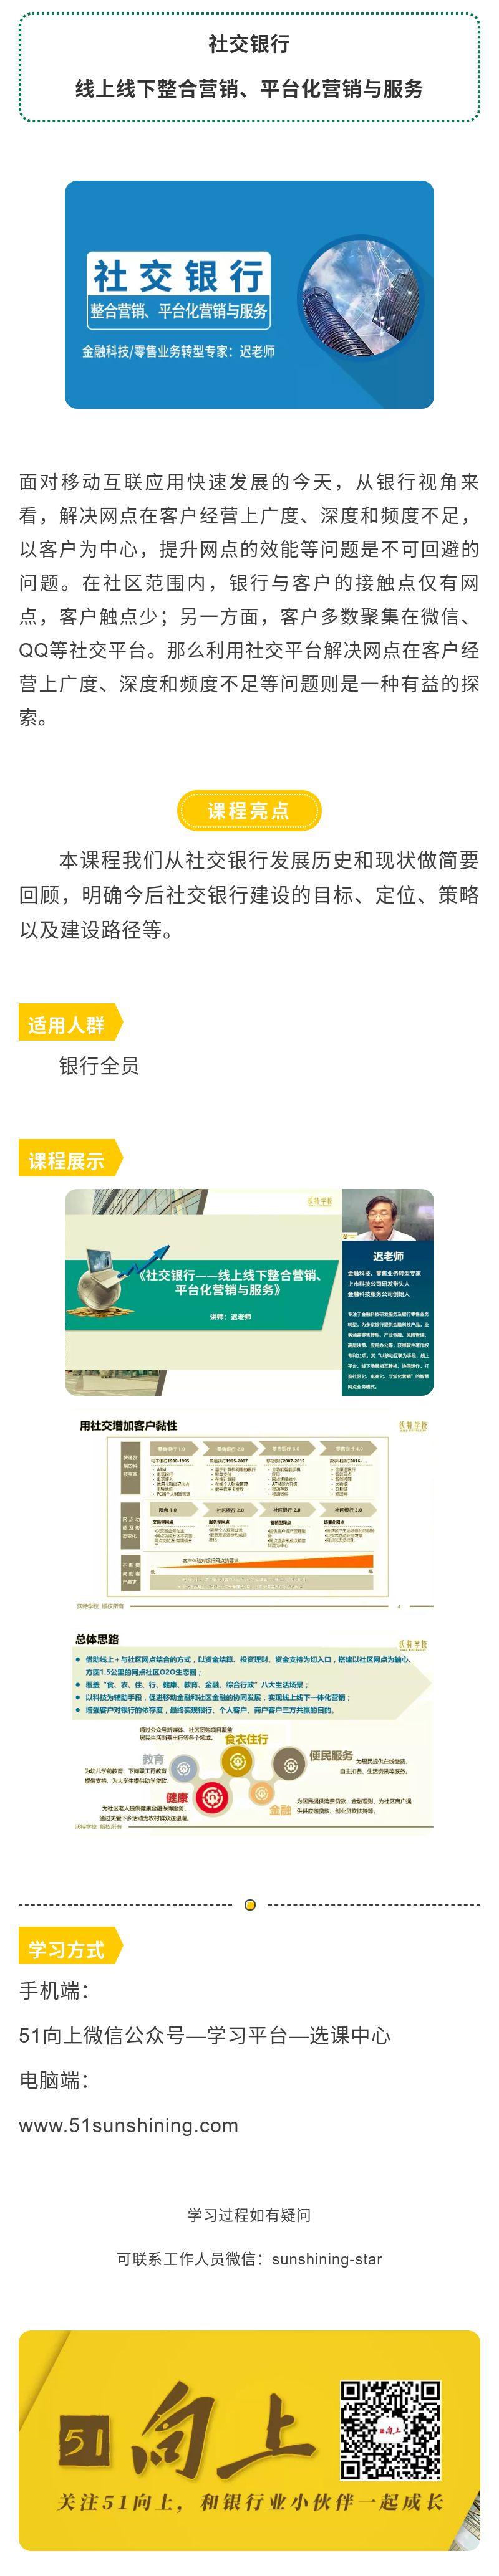 课程简介-社交银行——线上线下整合营销、平台化营销与服务